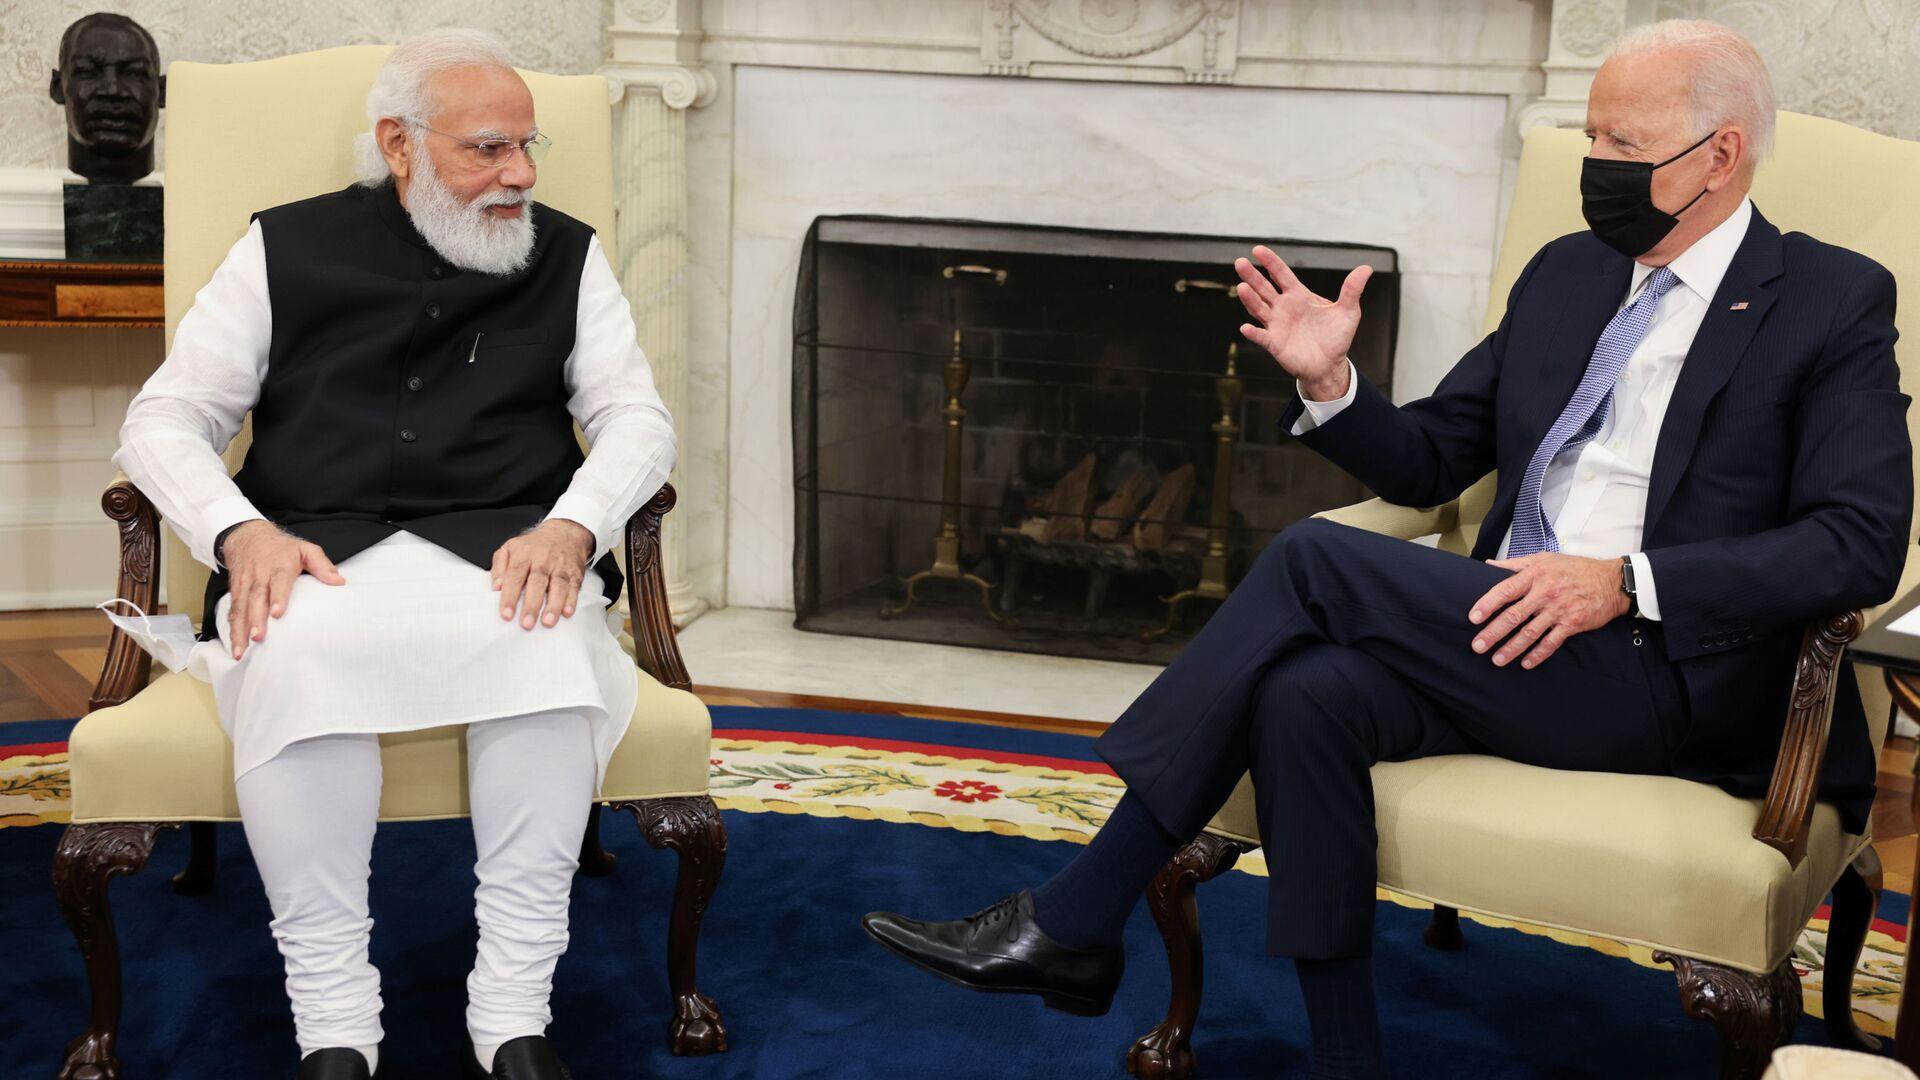 Tổng thống Mỹ Joe Biden gặp Thủ tướng Ấn Độ Narendra Modi tại Phòng Bầu dục Nhà Trắng ở Washington - Sputnik Việt Nam, 1920, 25.09.2021